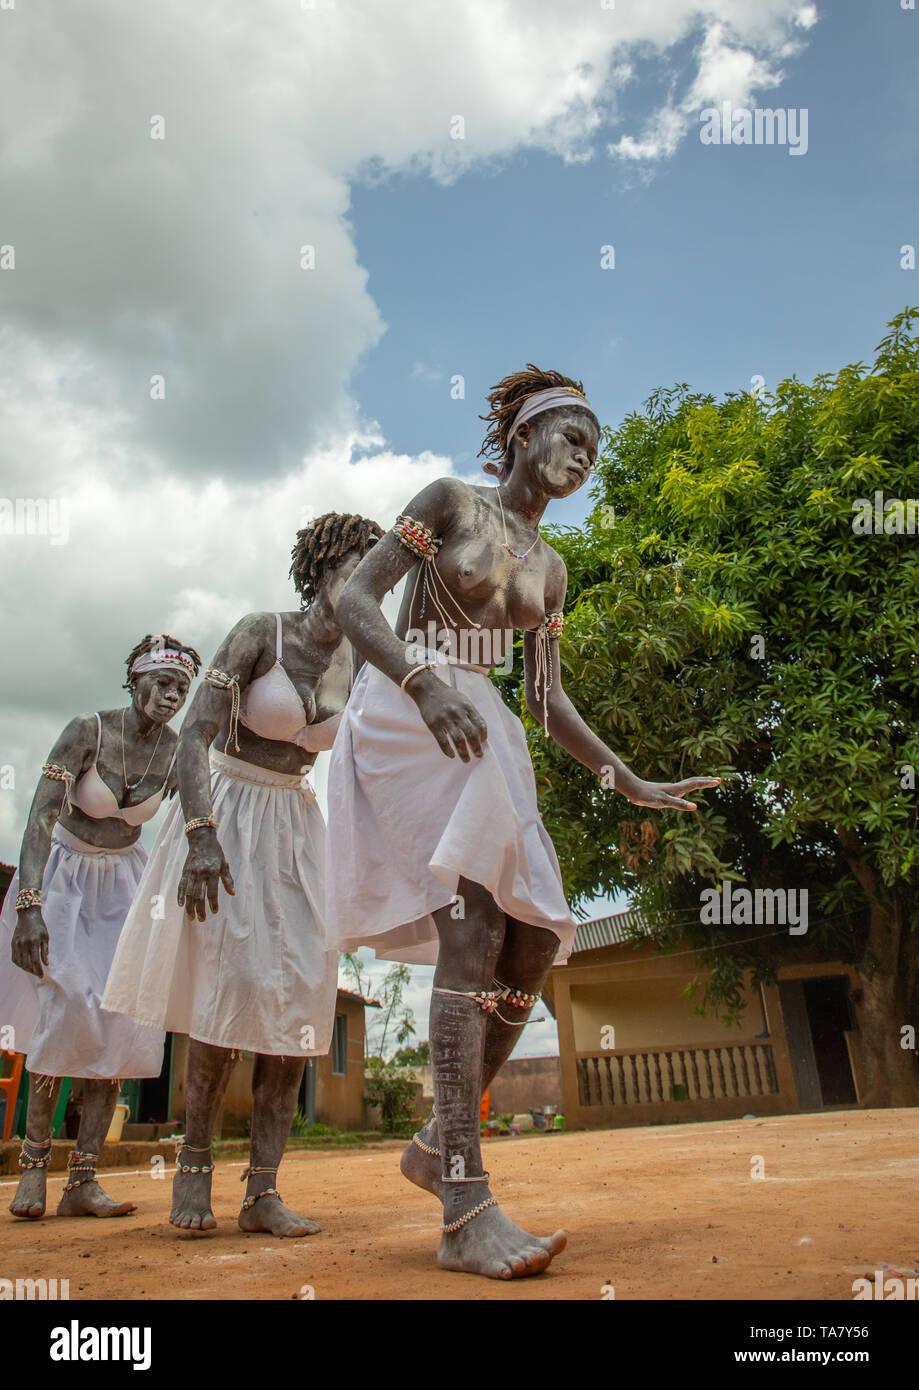 Mujeres bailando durante una ceremonia en el centro de iniciación Komians Messouma Adjoua, Moyen-Comoé, Aniassue, Costa de Marfil Foto de stock